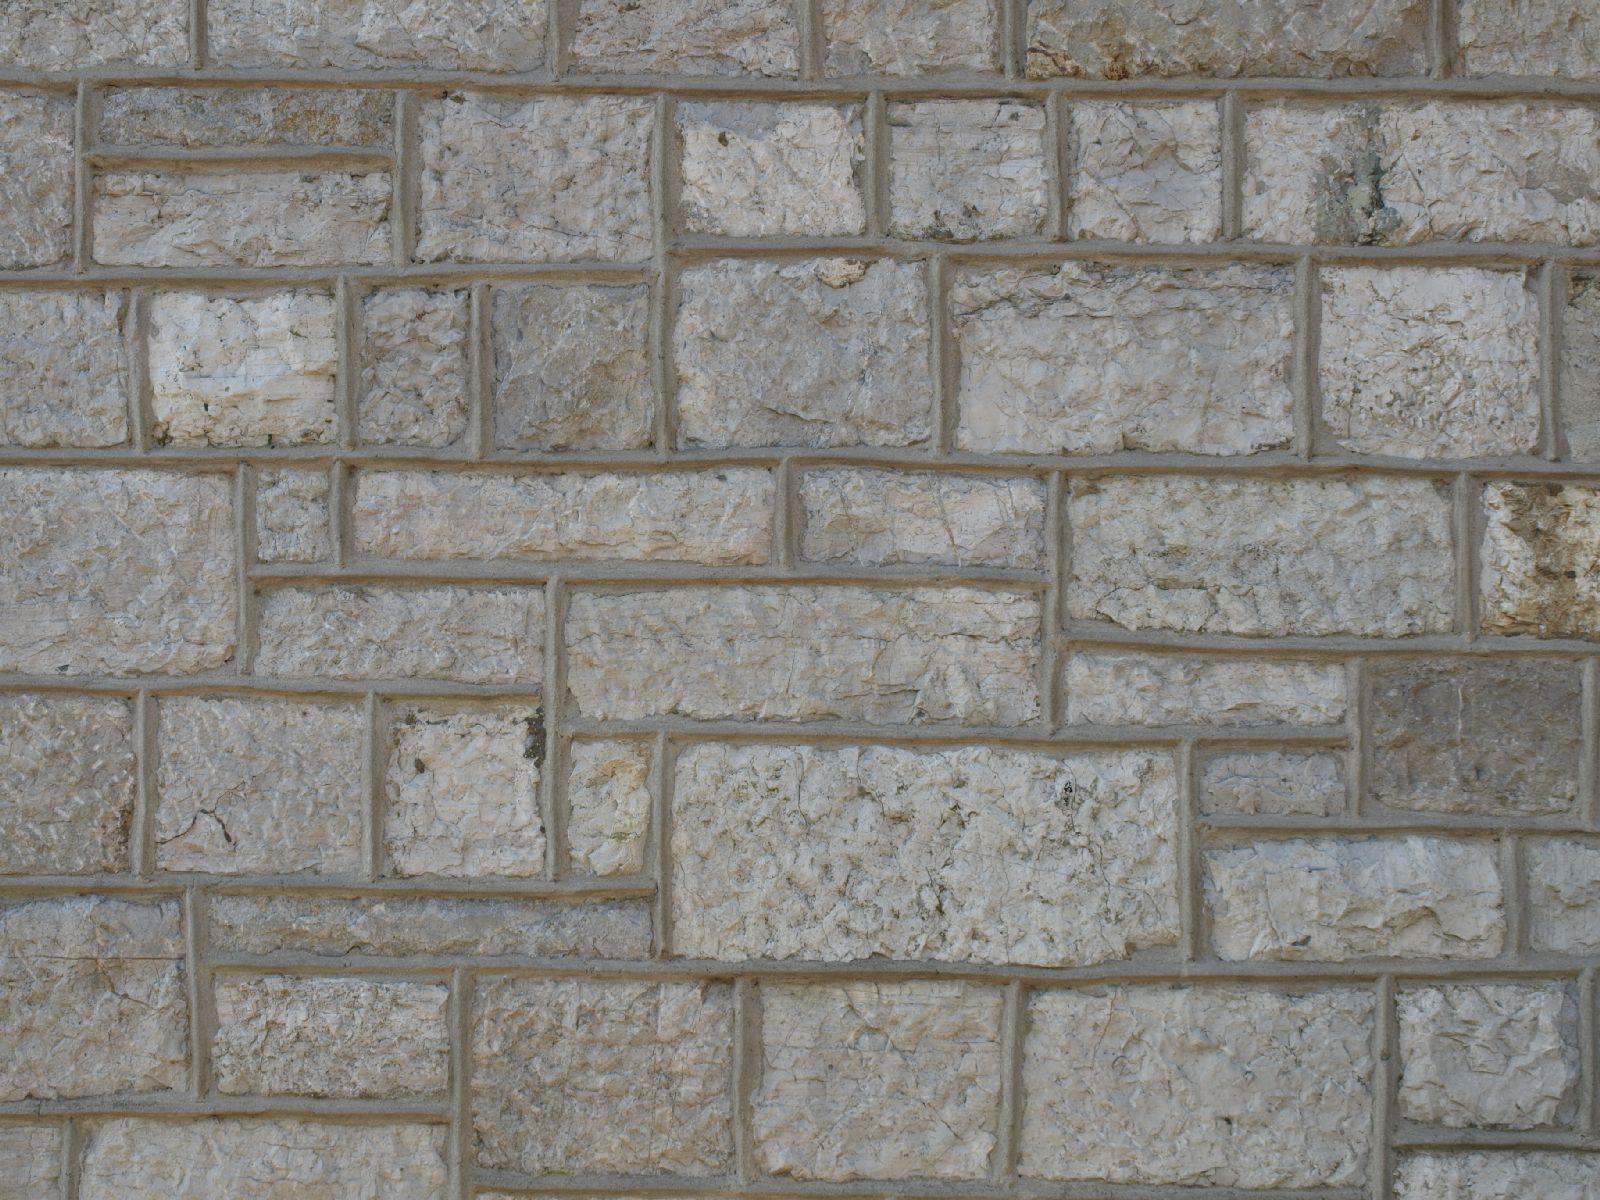 Brick_Texture_A_P6153449